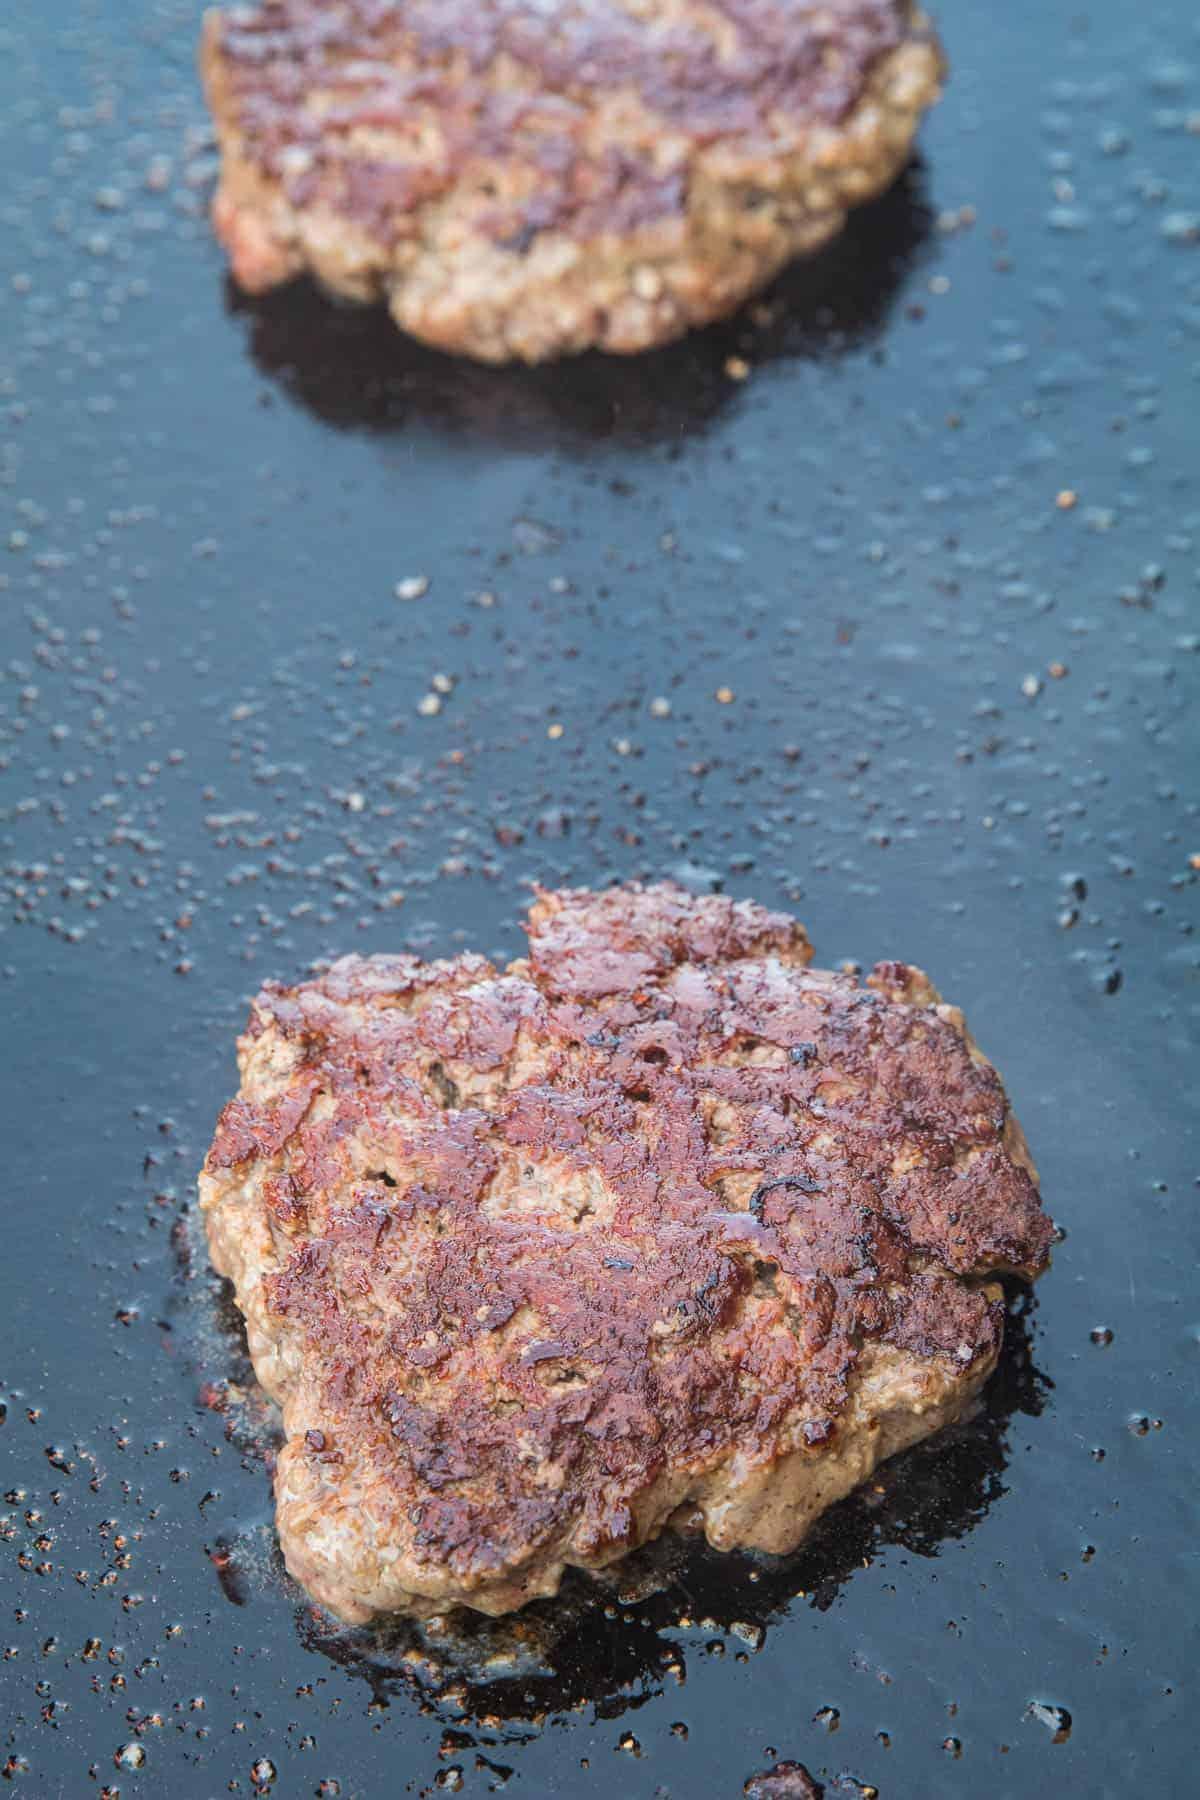 Fried hamburger on griddle